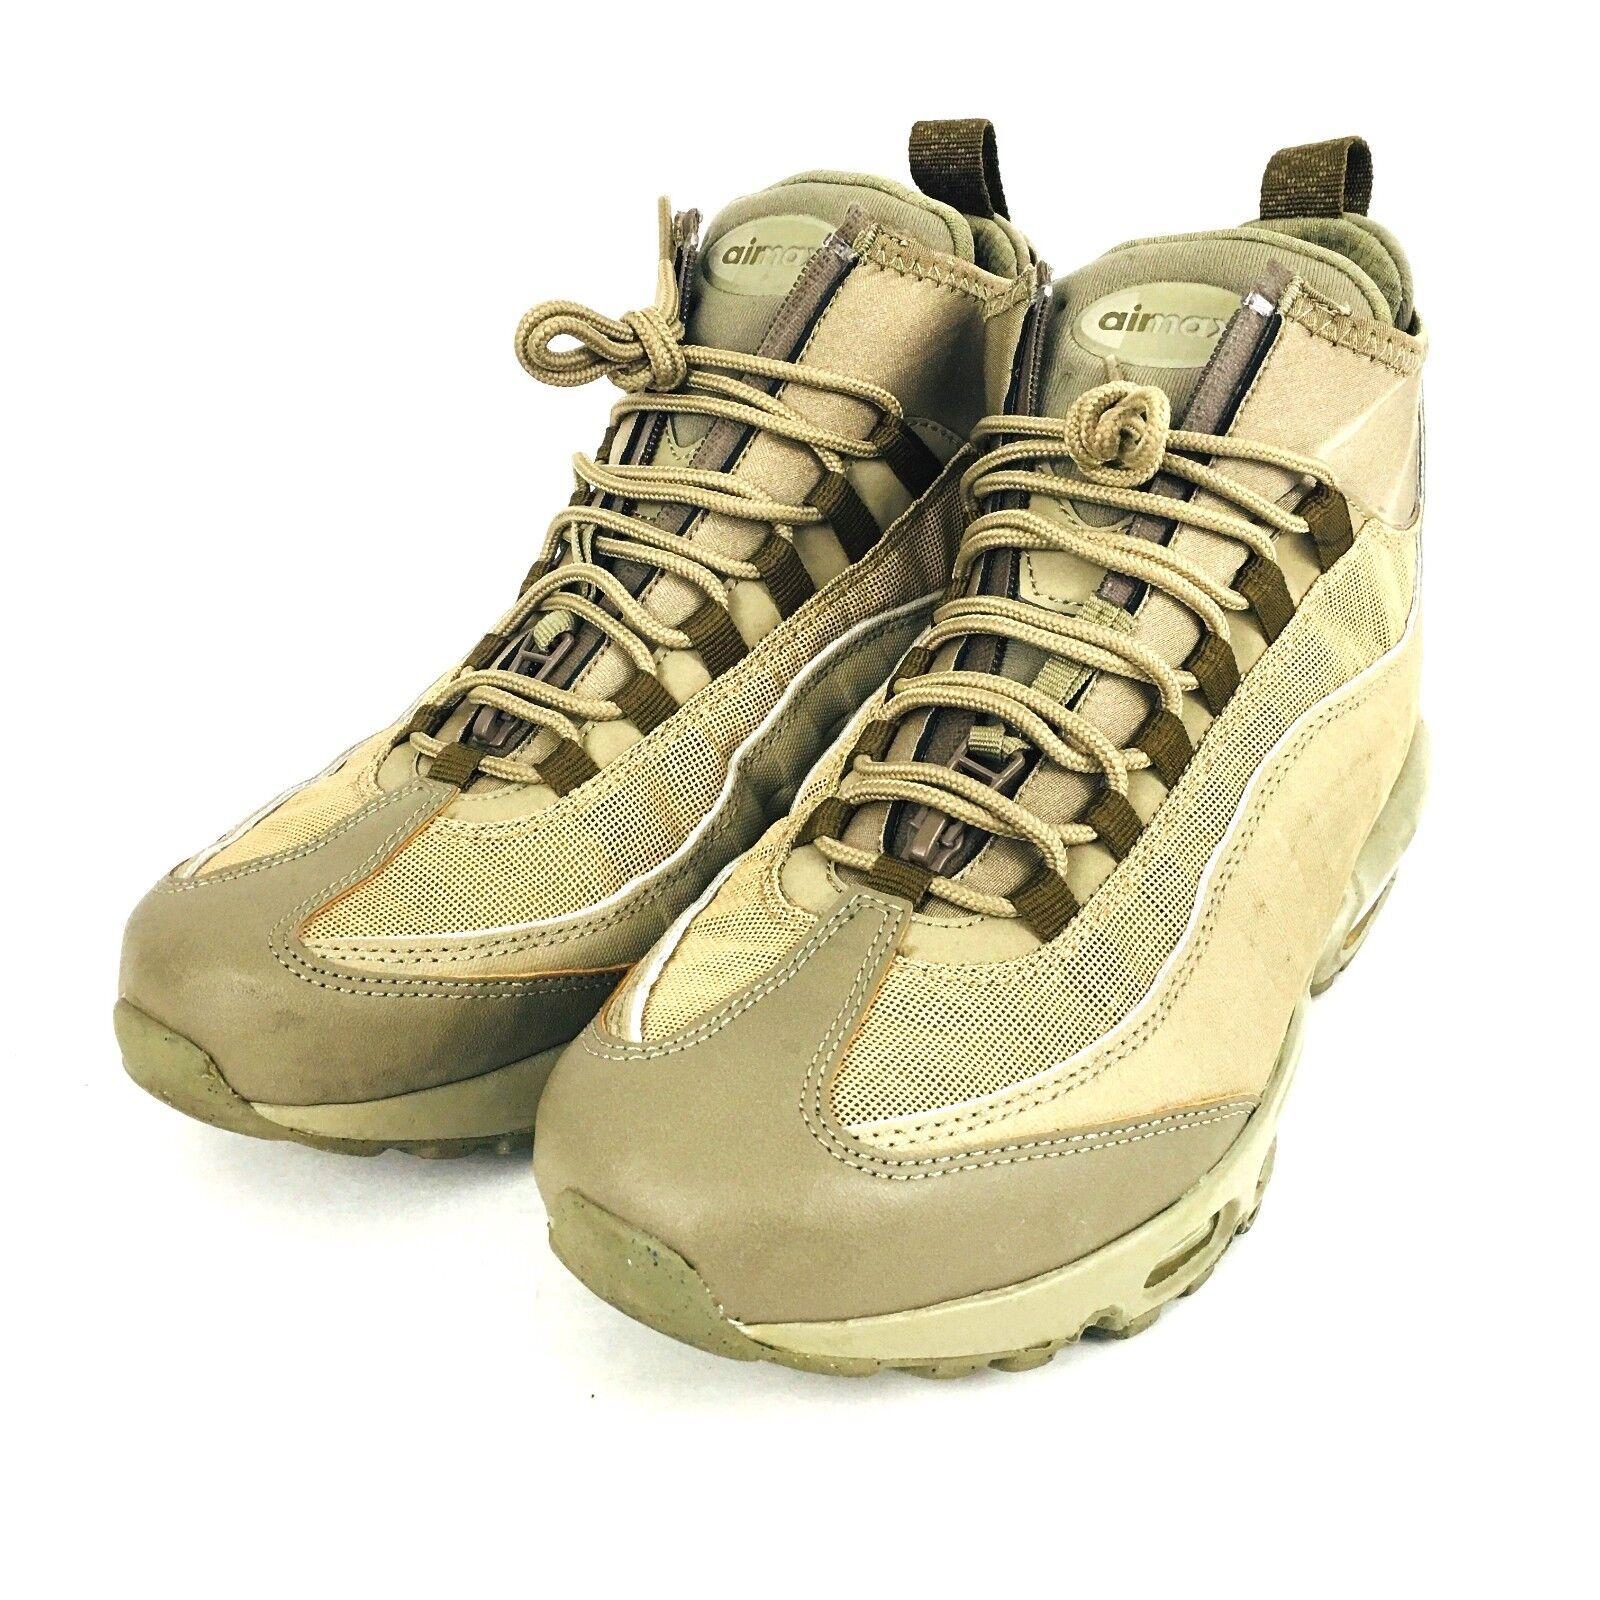 Nike Air Max 95 Sneakerboot Zip | SneakerFiles